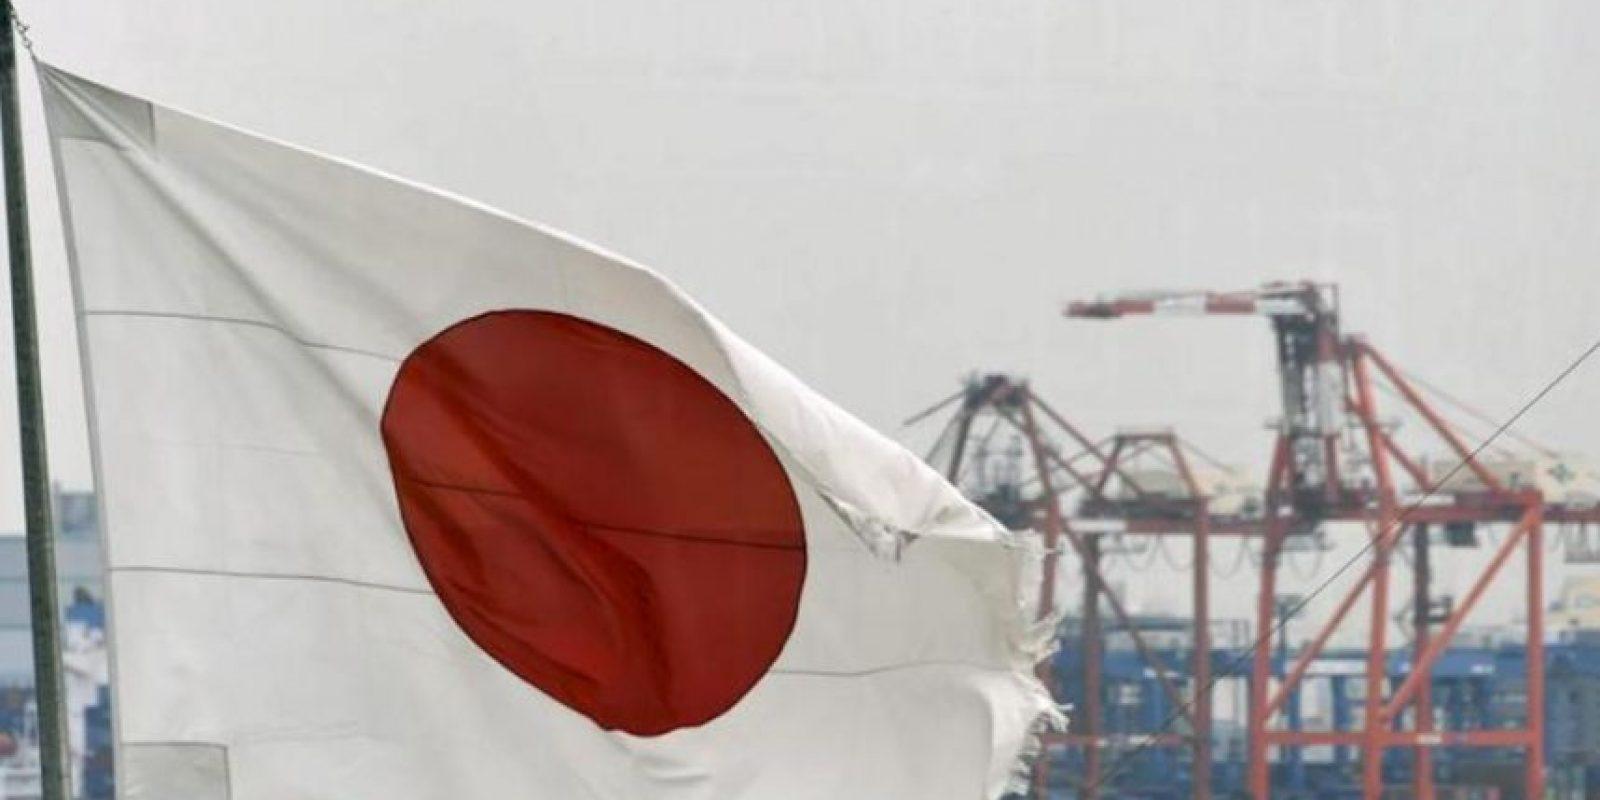 La bandera de Japón en el puerto de Tokio (Japón). EFE/Archivo